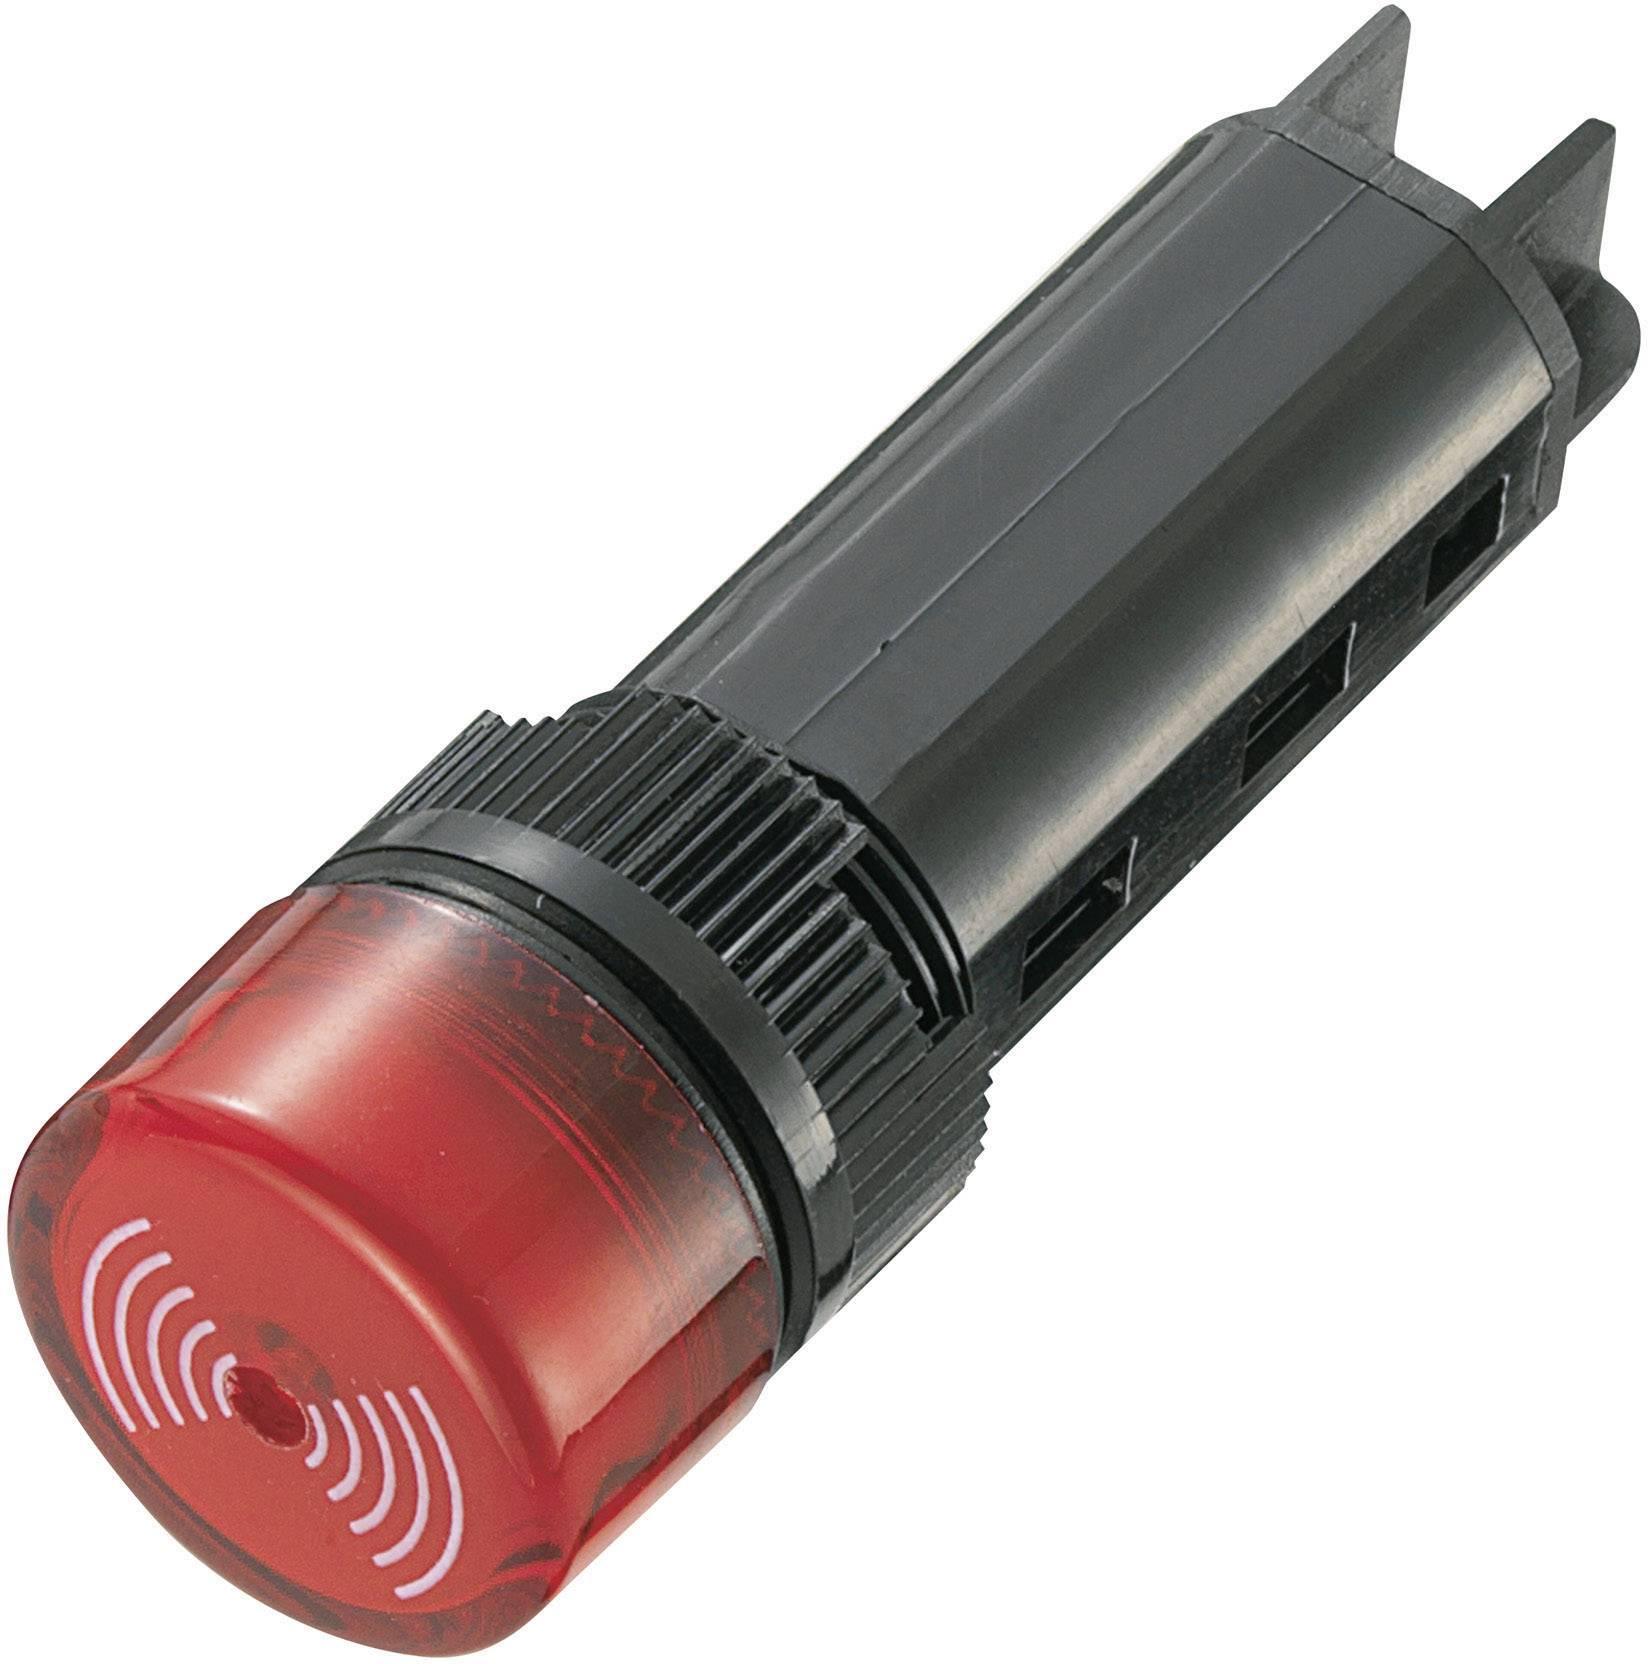 Sirénka / kontrolka, 80 dB 12 V / DC, červená